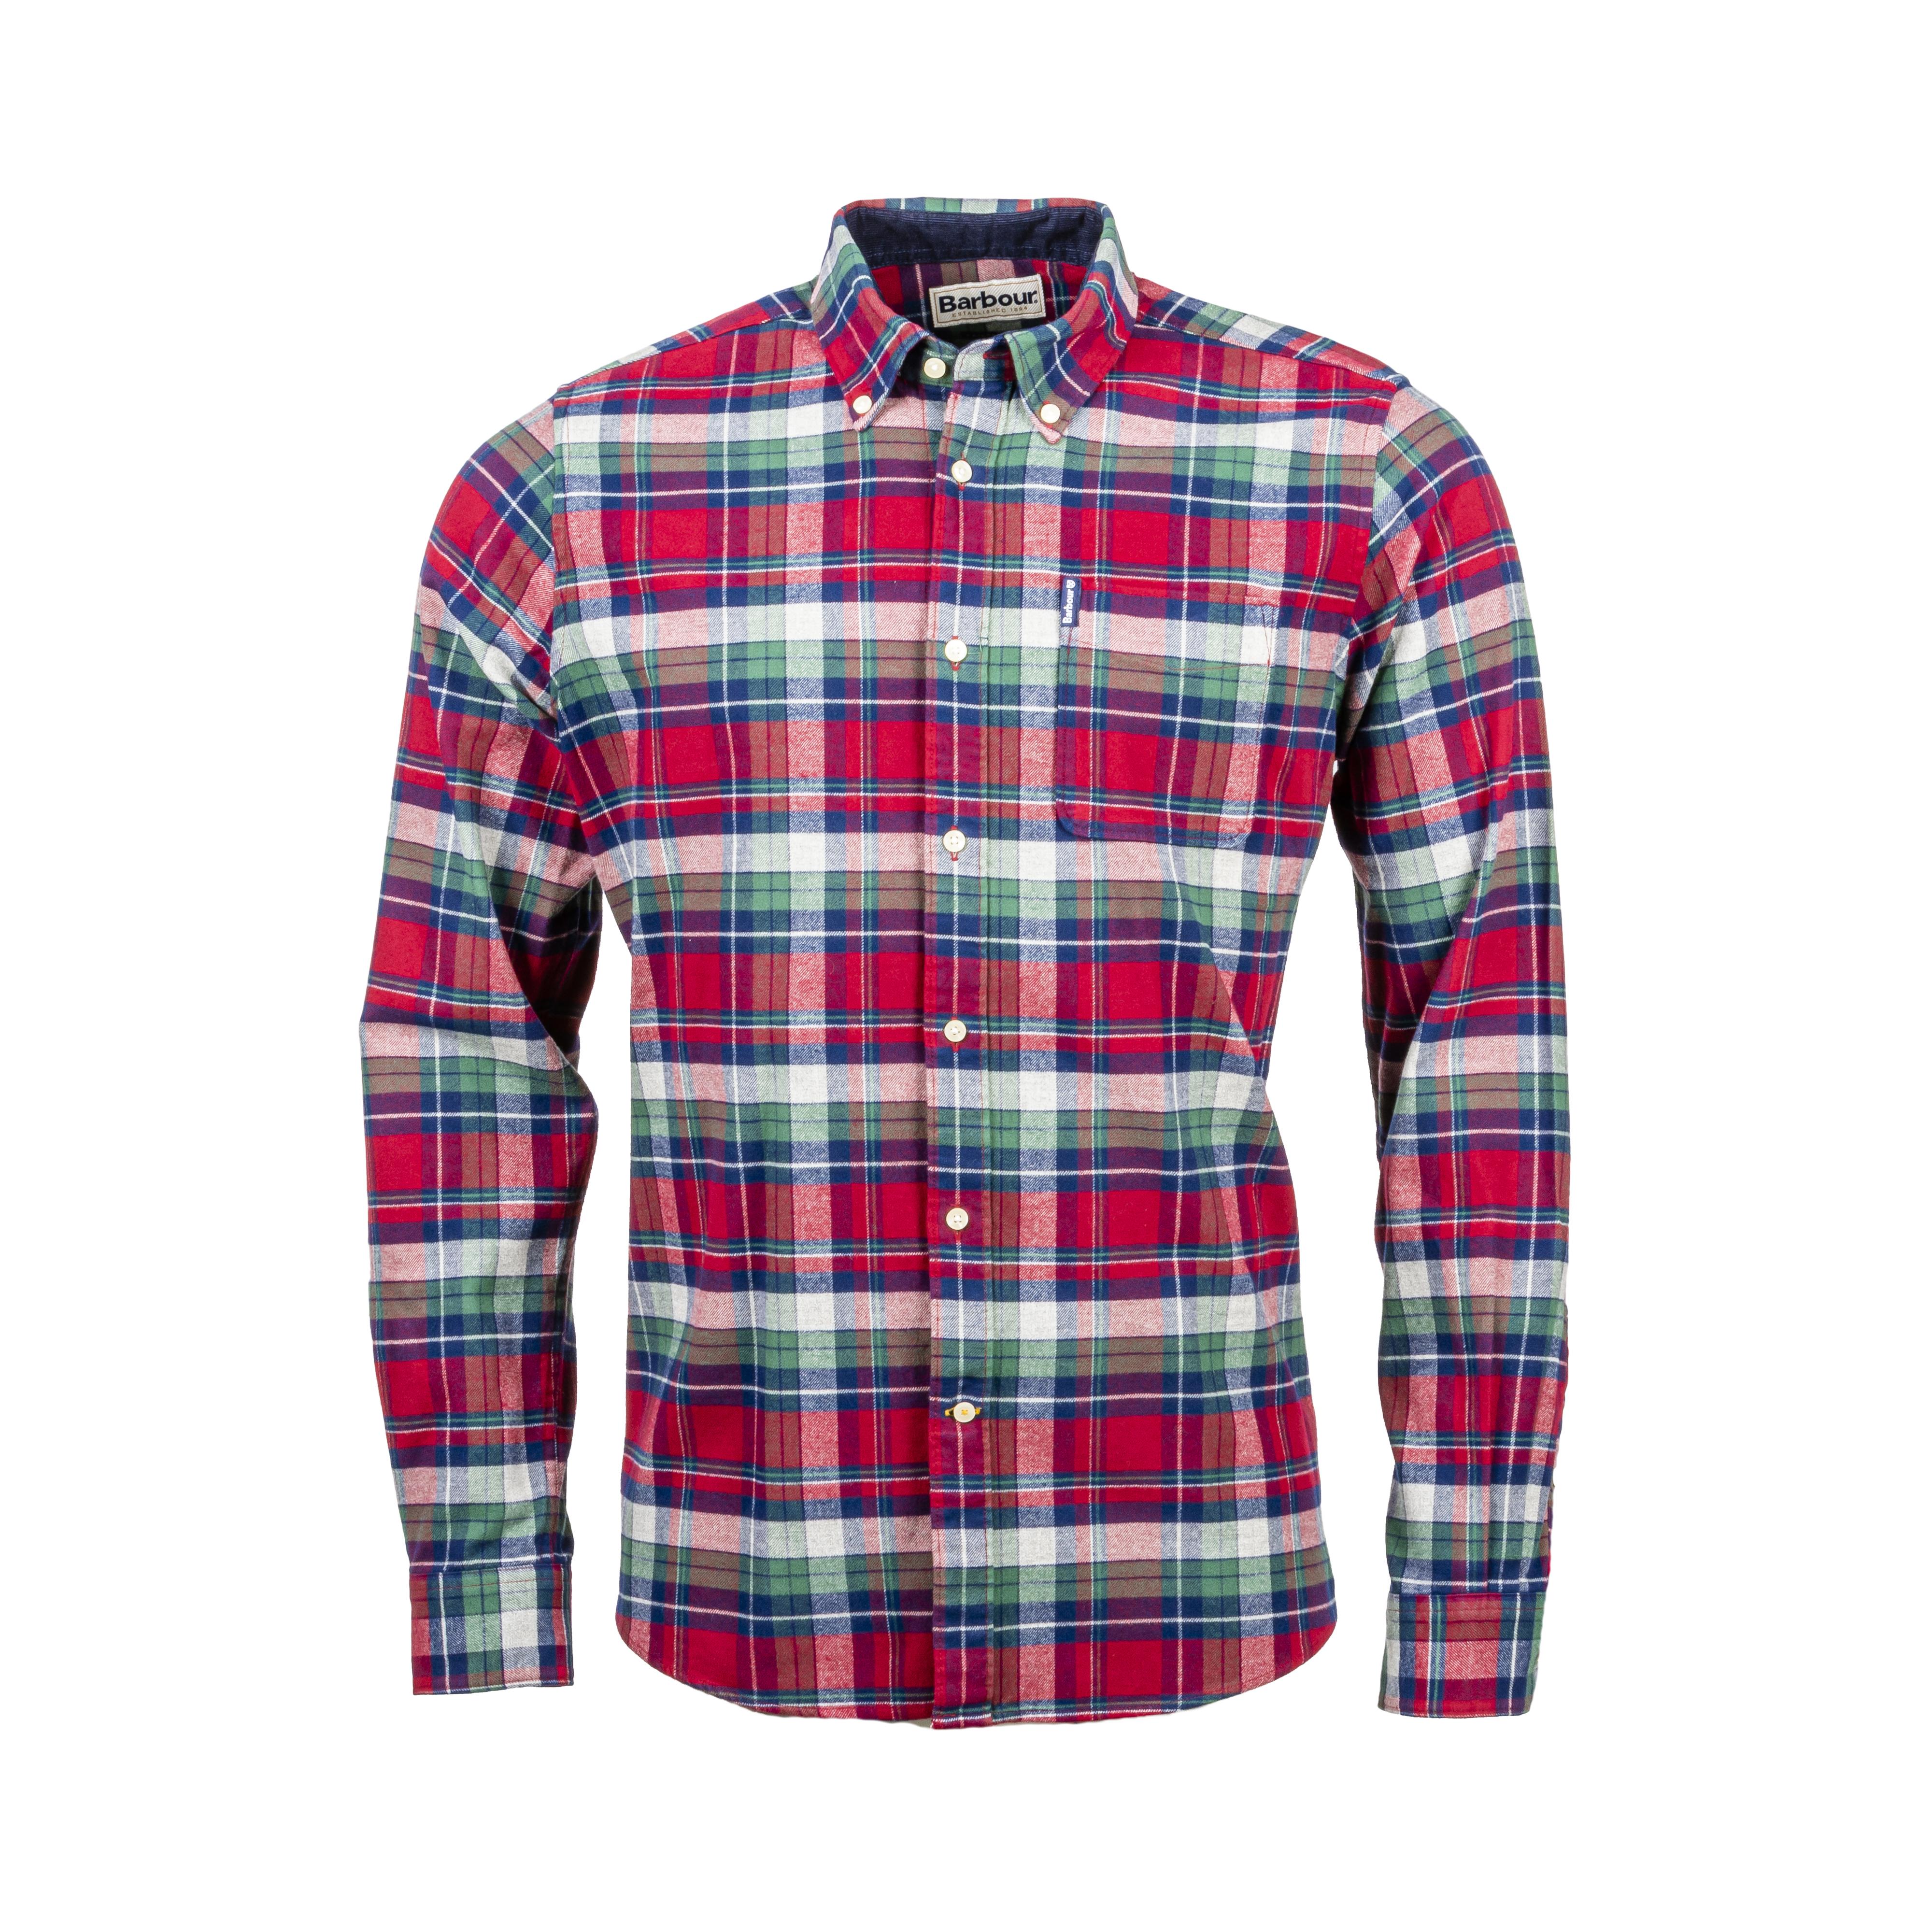 Chemise ajustée Barbour Highland Check en flanelle de coton à carreaux rouges, bleus, verts et blancs